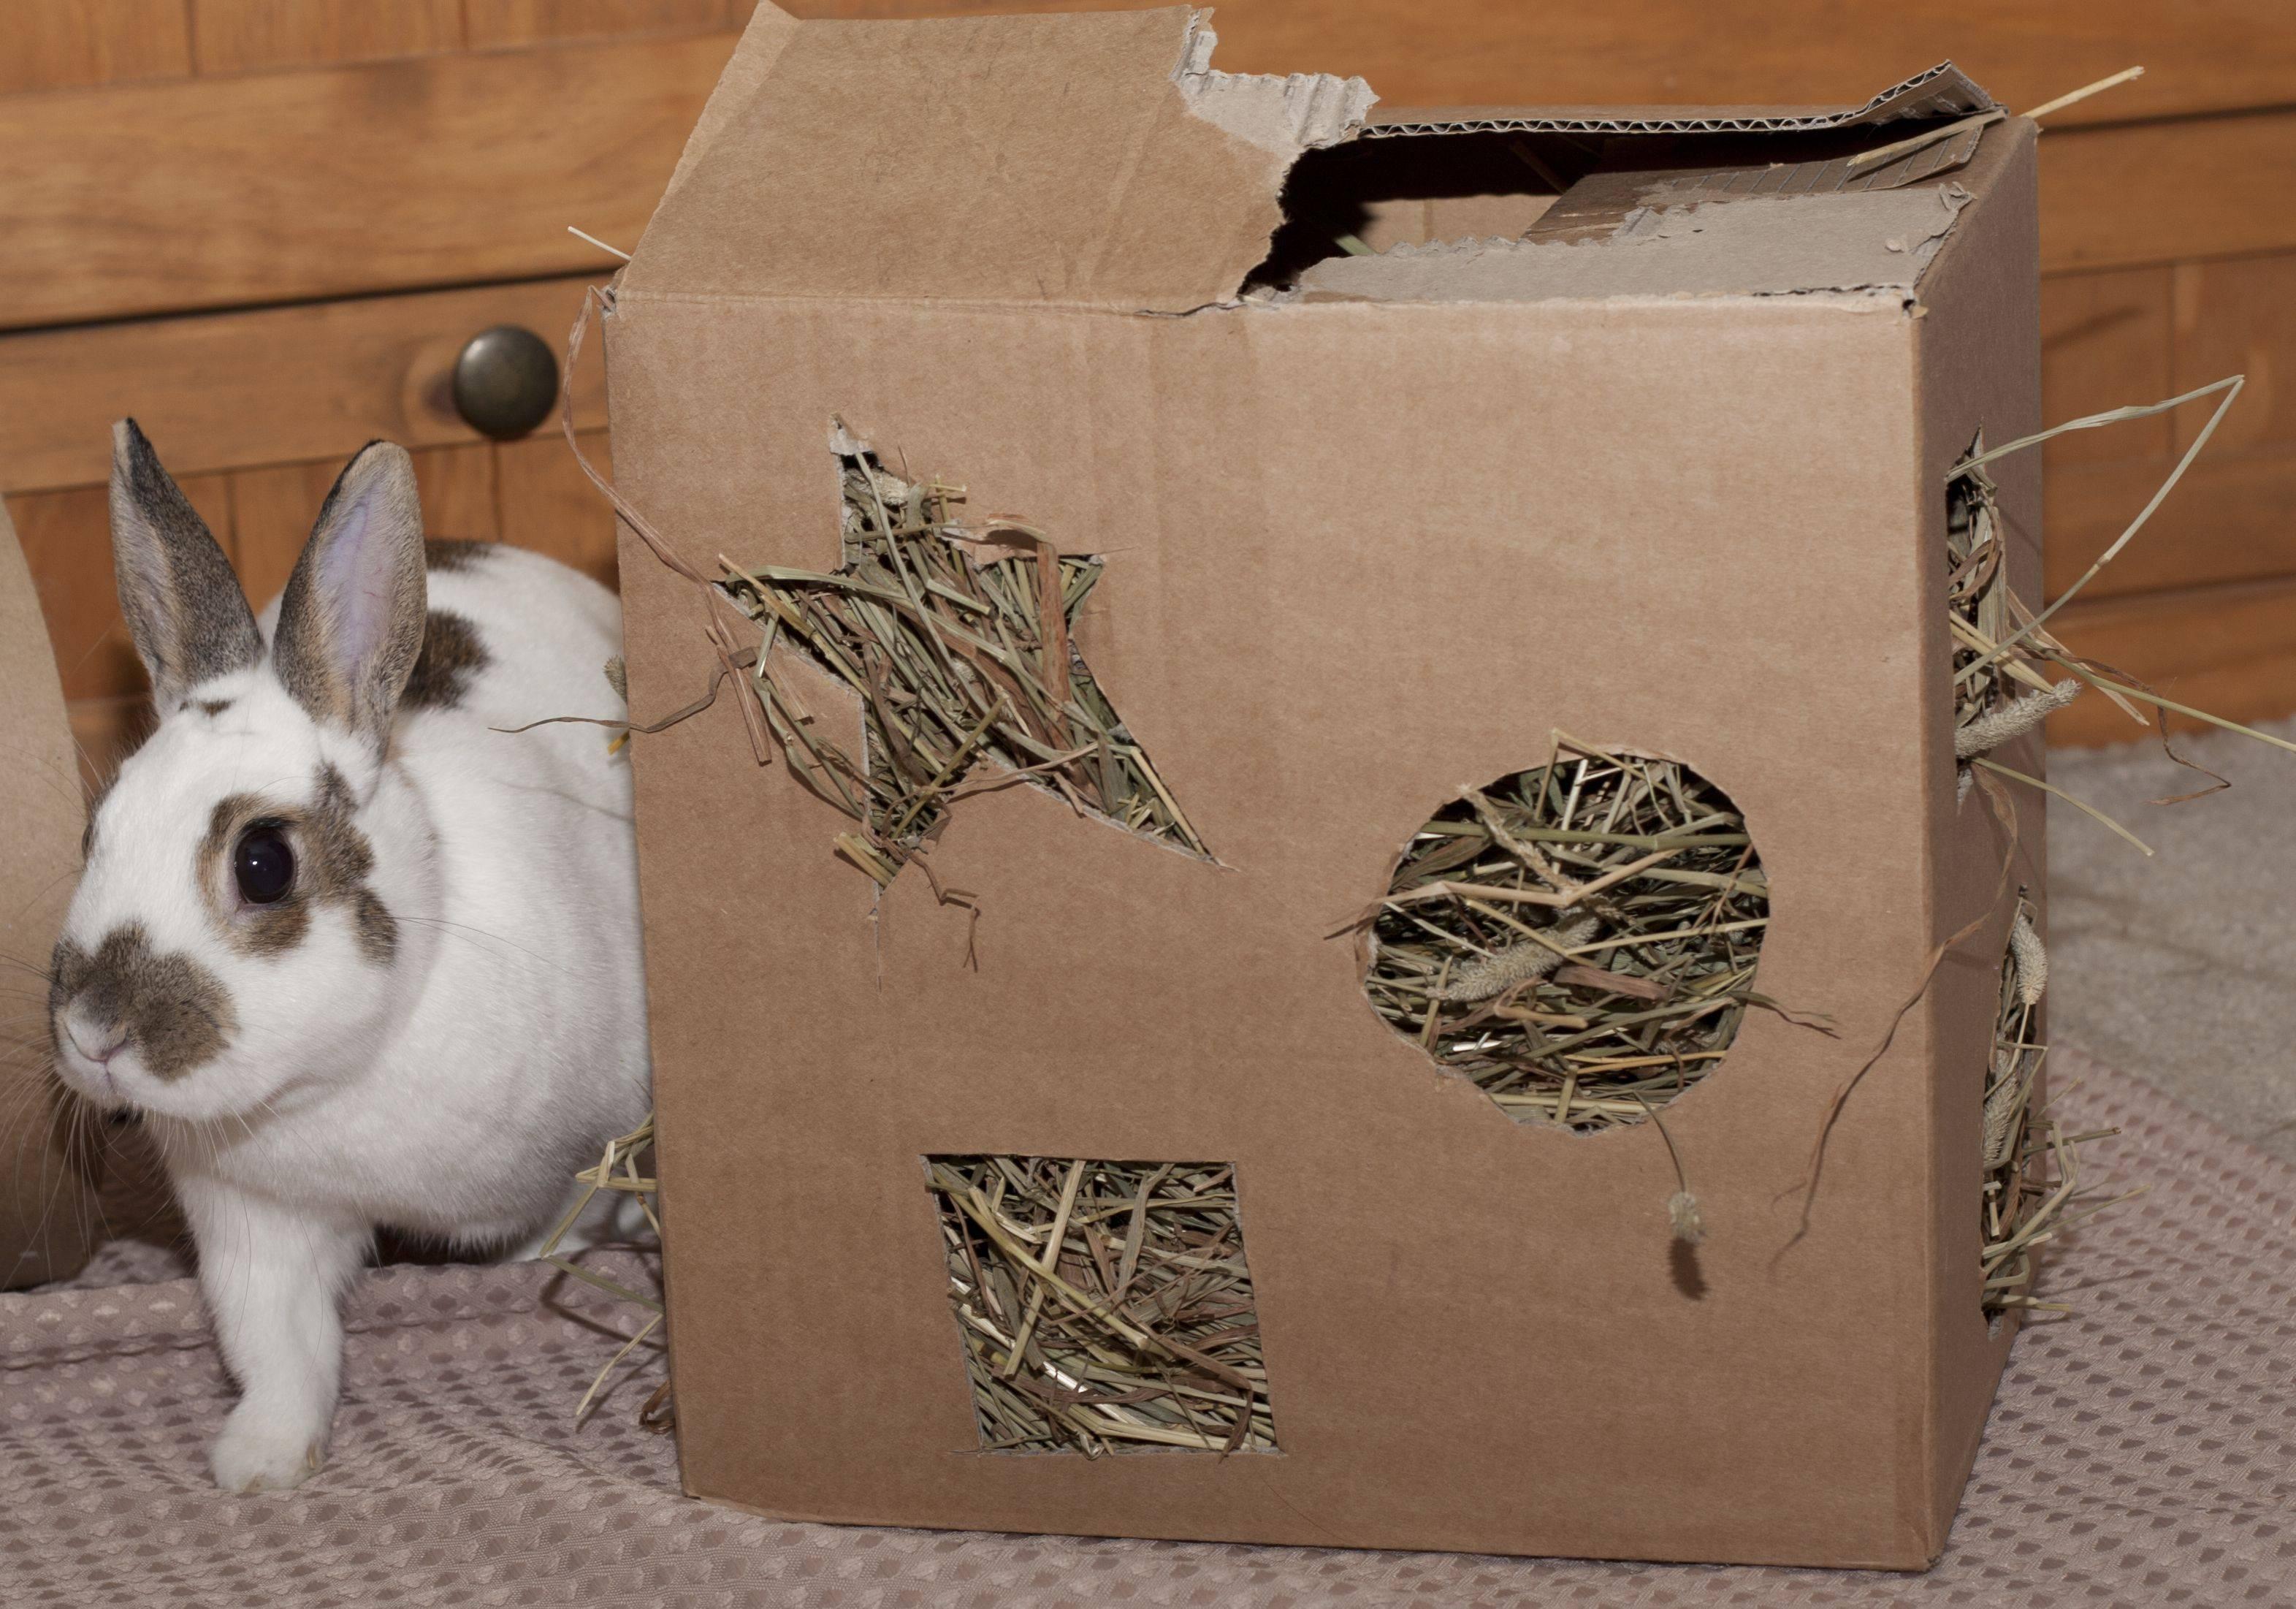 Крольчатник (49 фото): как сделать клетку для кроликов своими руками по чертежам? размеры мини-ферм в 2 яруса и других моделей, оригинальные идеи постройки